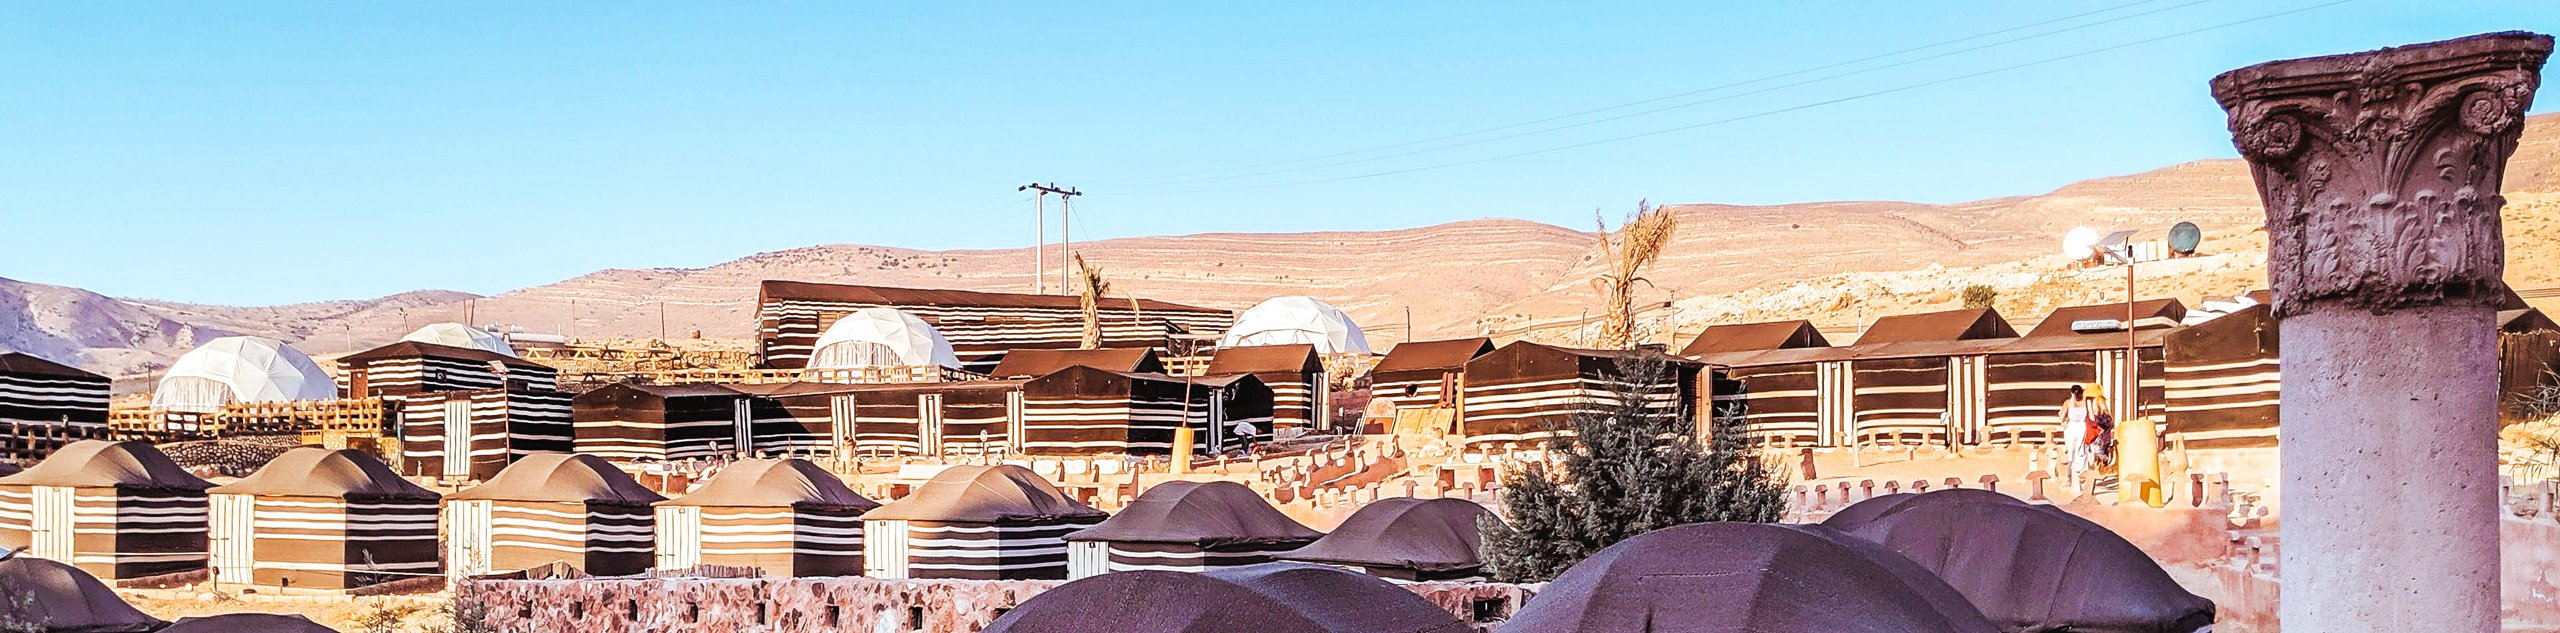 Petra & Wadi Rum Sightseeing Tour